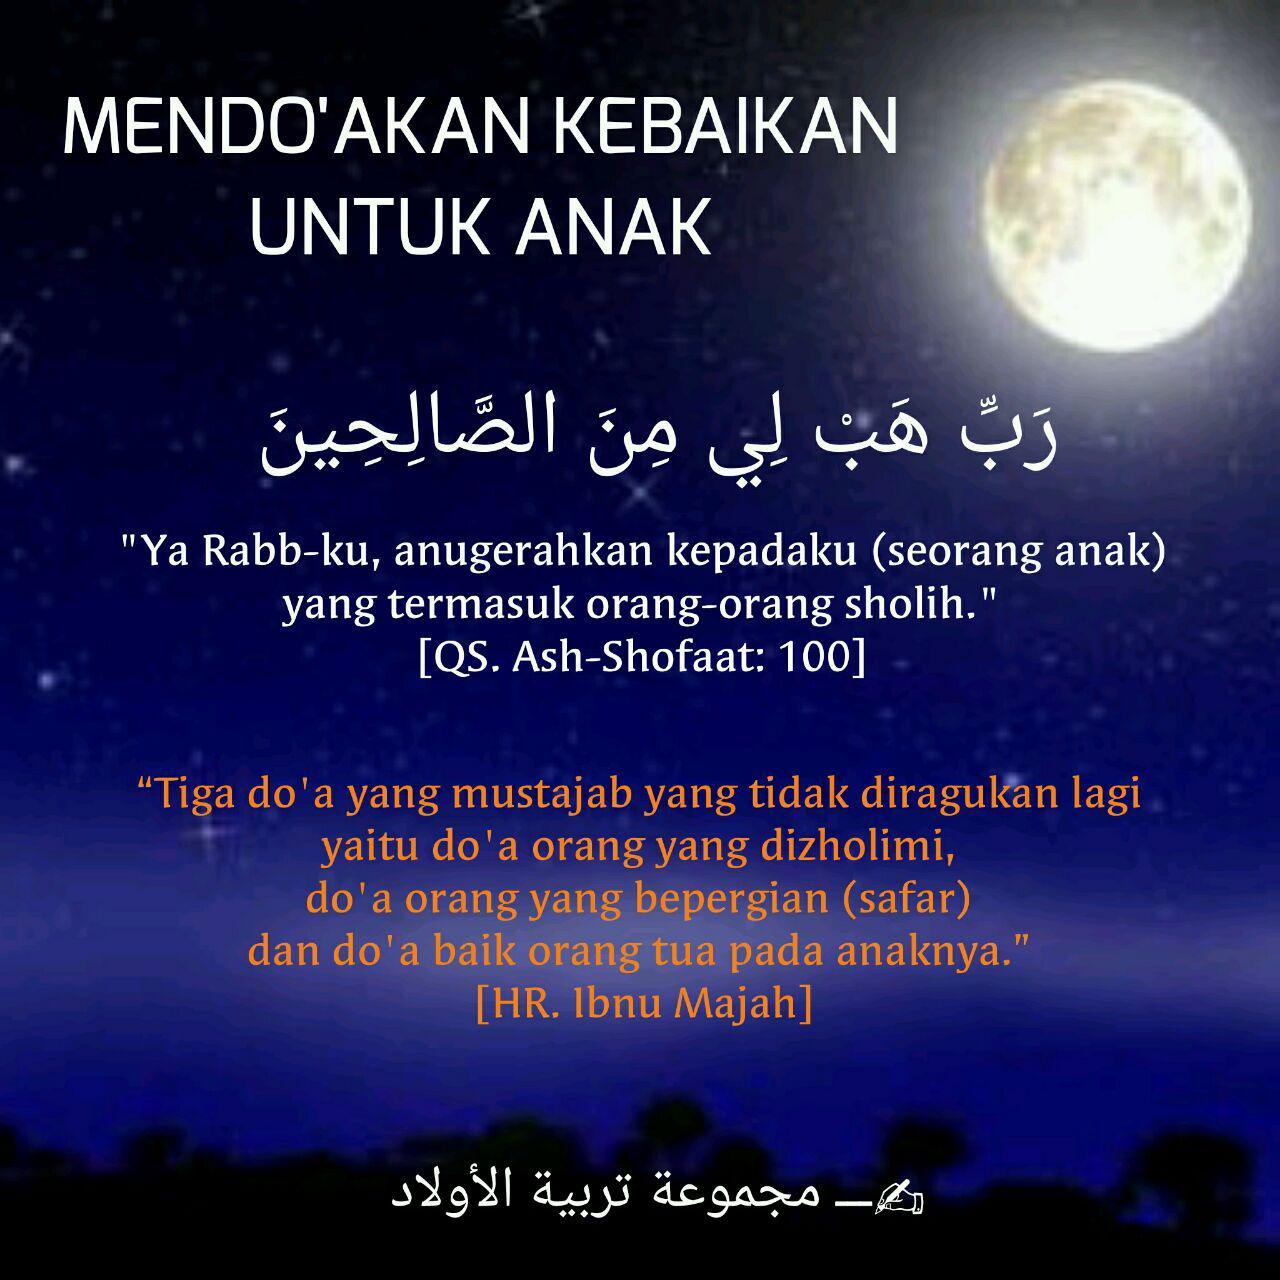 Silsilah Mutiara Hikmah Salafiyyah Dalam Tarbiyatul Aulad